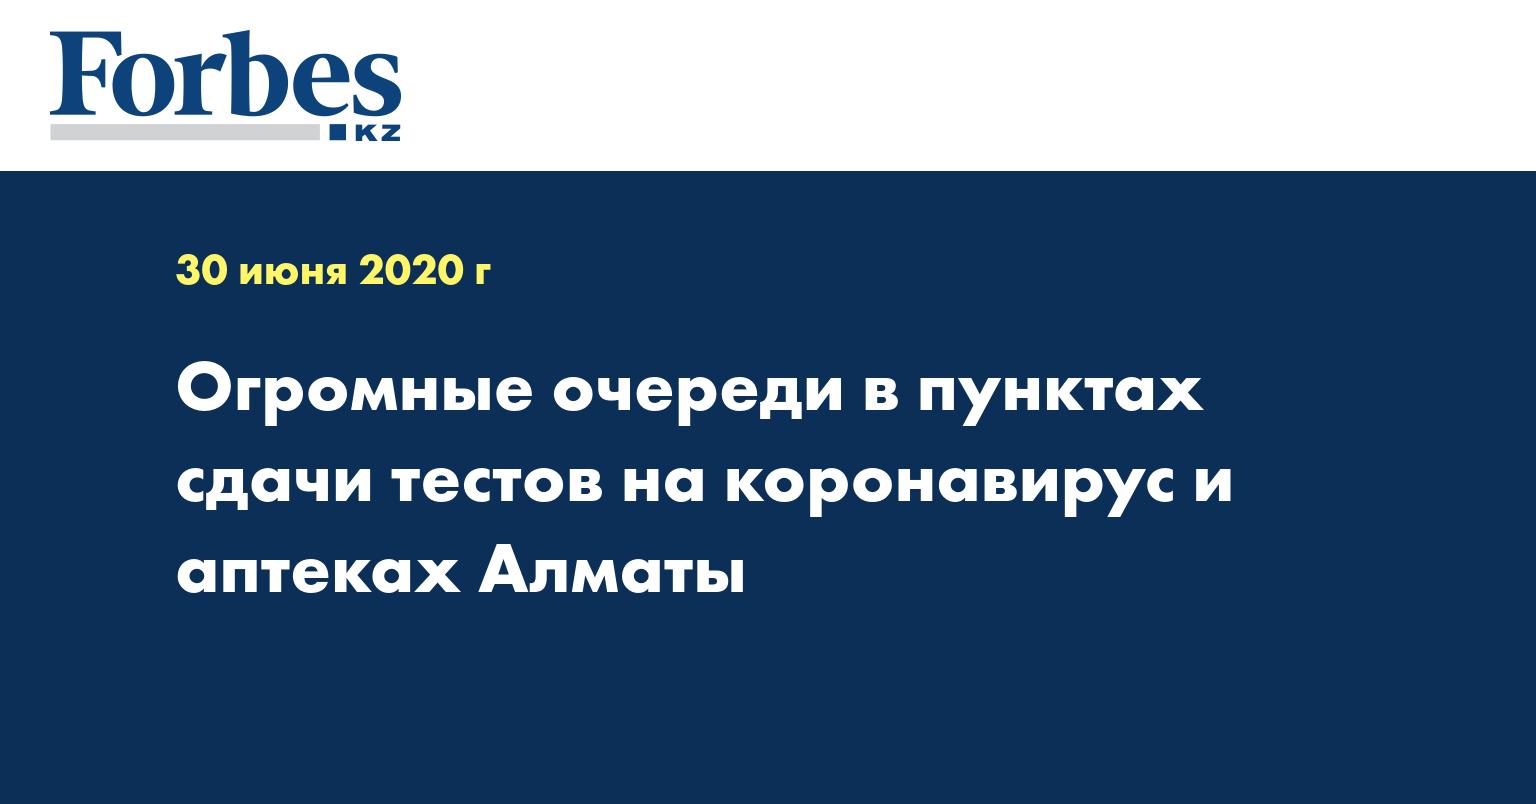 Огромные очереди в пунктах сдачи тестов на коронавирус и аптеках Алматы